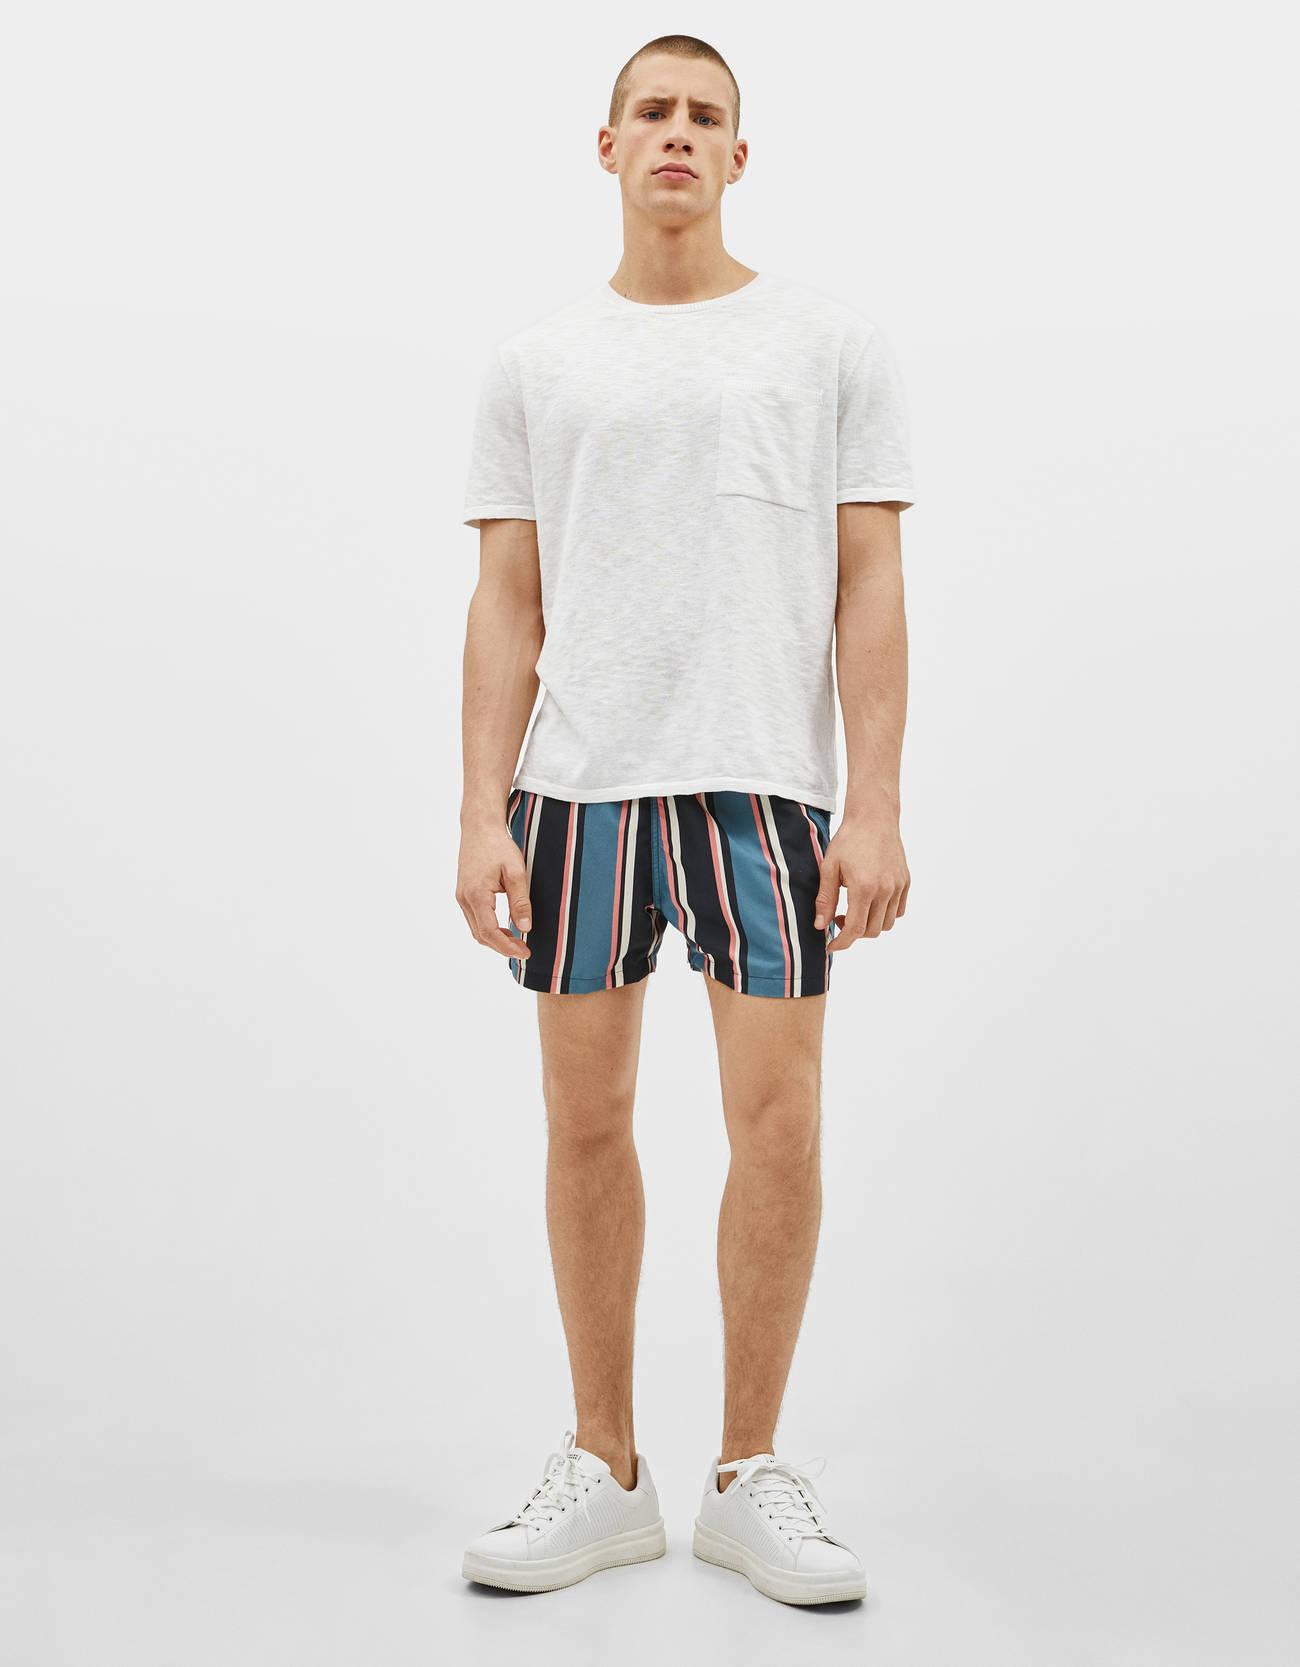 bda80a130b Striped swim trunks - Swimwear - Bershka United States